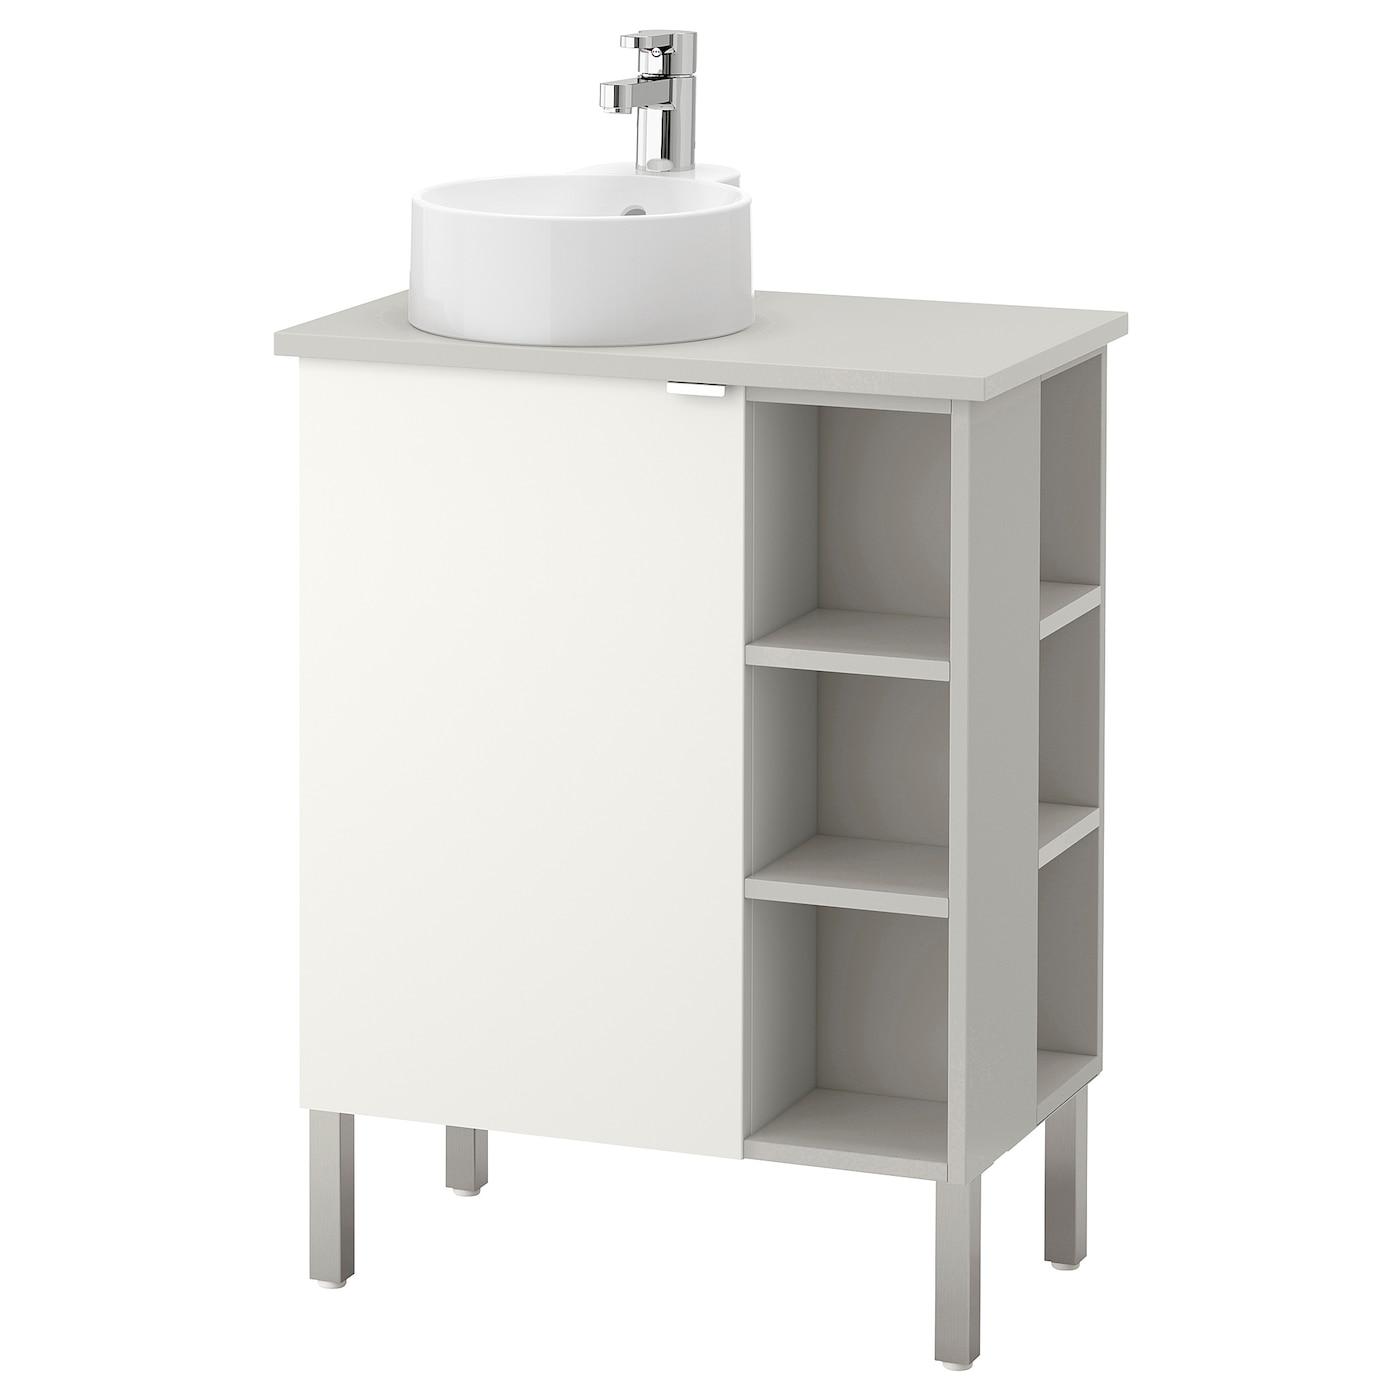 Bathroom sink units ikea - Ikea Gutviken Lill Ngen Viskan Washbasin Cab 1 Door 2 End Units